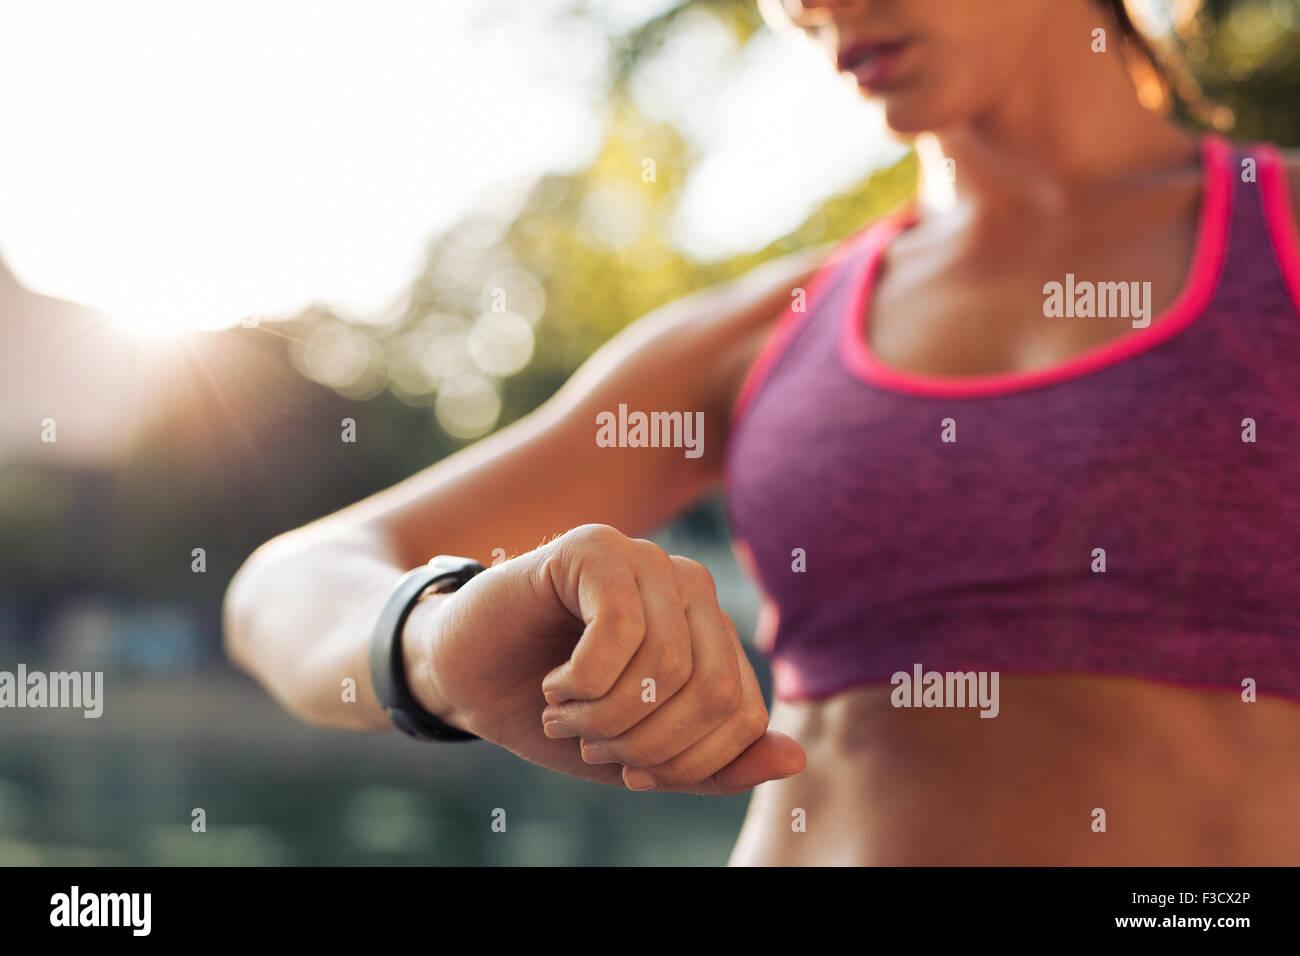 Fitness joven mujer mirando su reloj inteligente mientras toma un descanso en el entrenamiento deportivo. Control Imagen De Stock